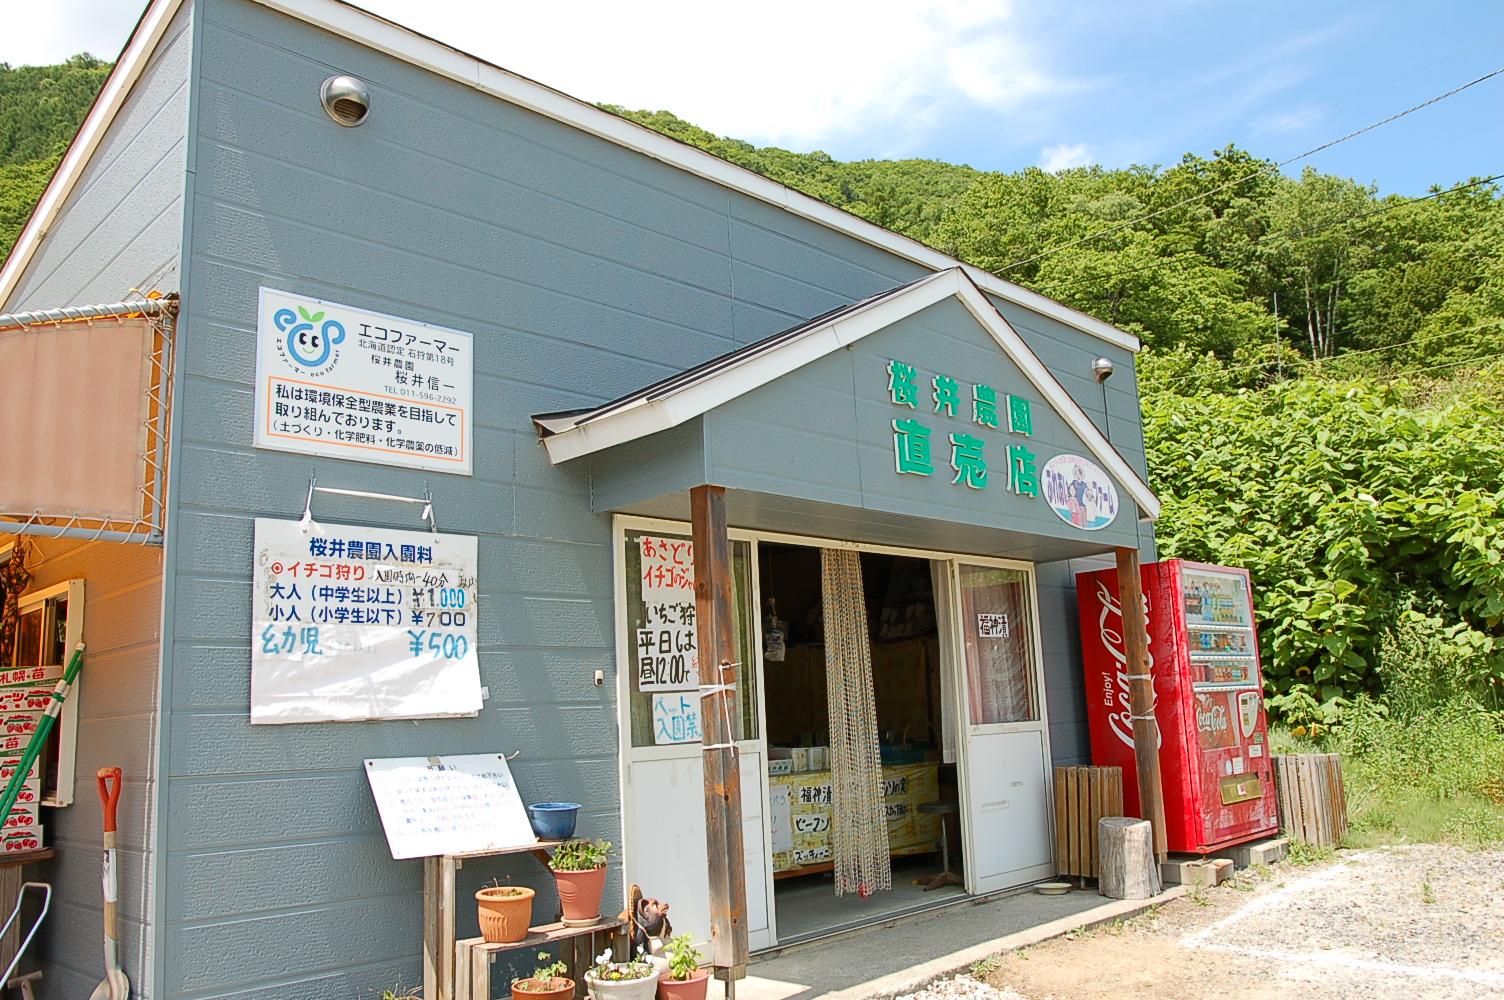 八剣山・定山渓方面に行くならぜひ立ち寄りたい「桜井農園」